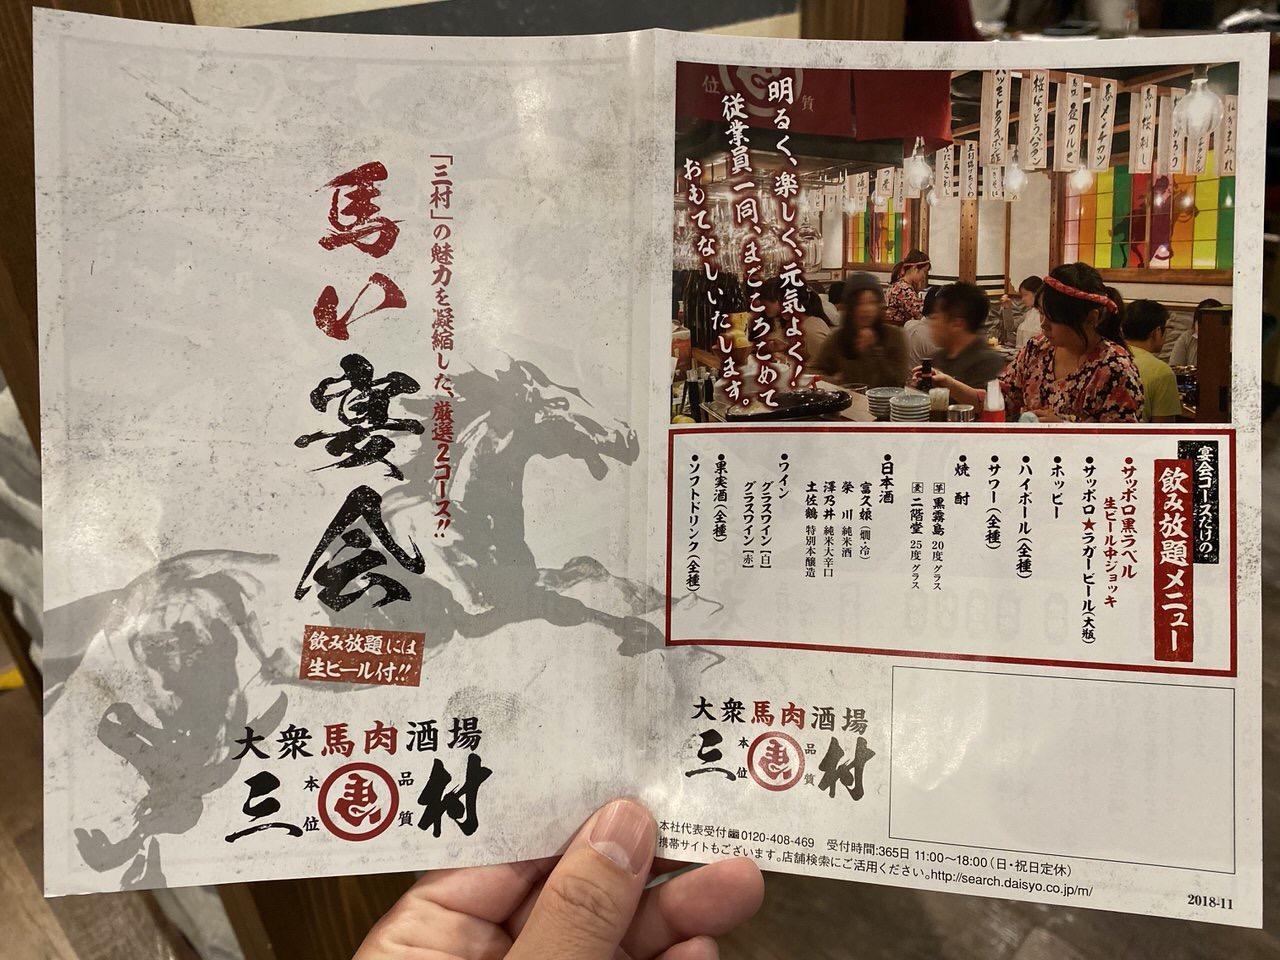 「馬肉酒場三村 上野店」56